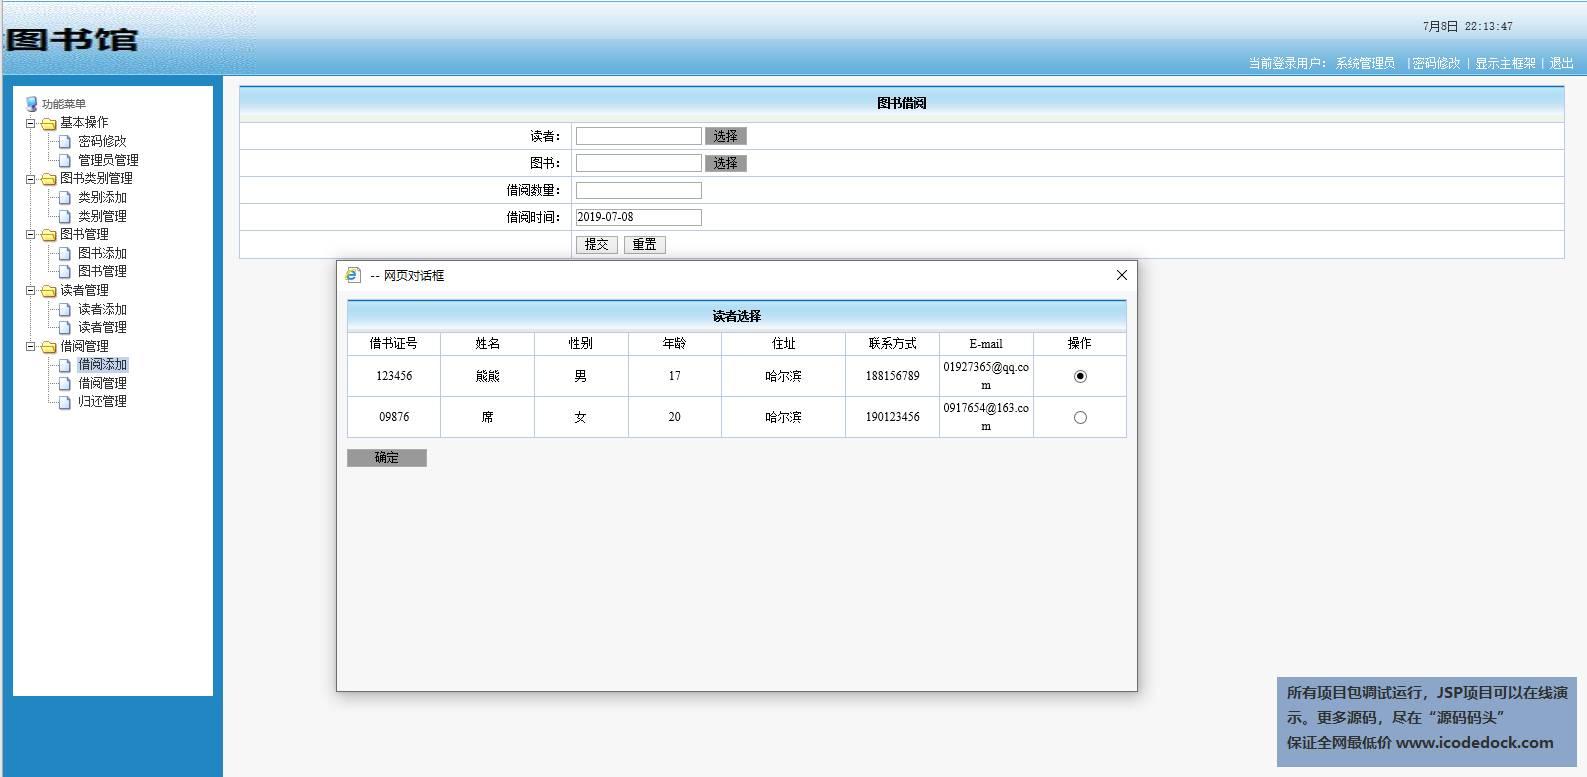 源码码头-JSP图书管理系统-图书借阅添加